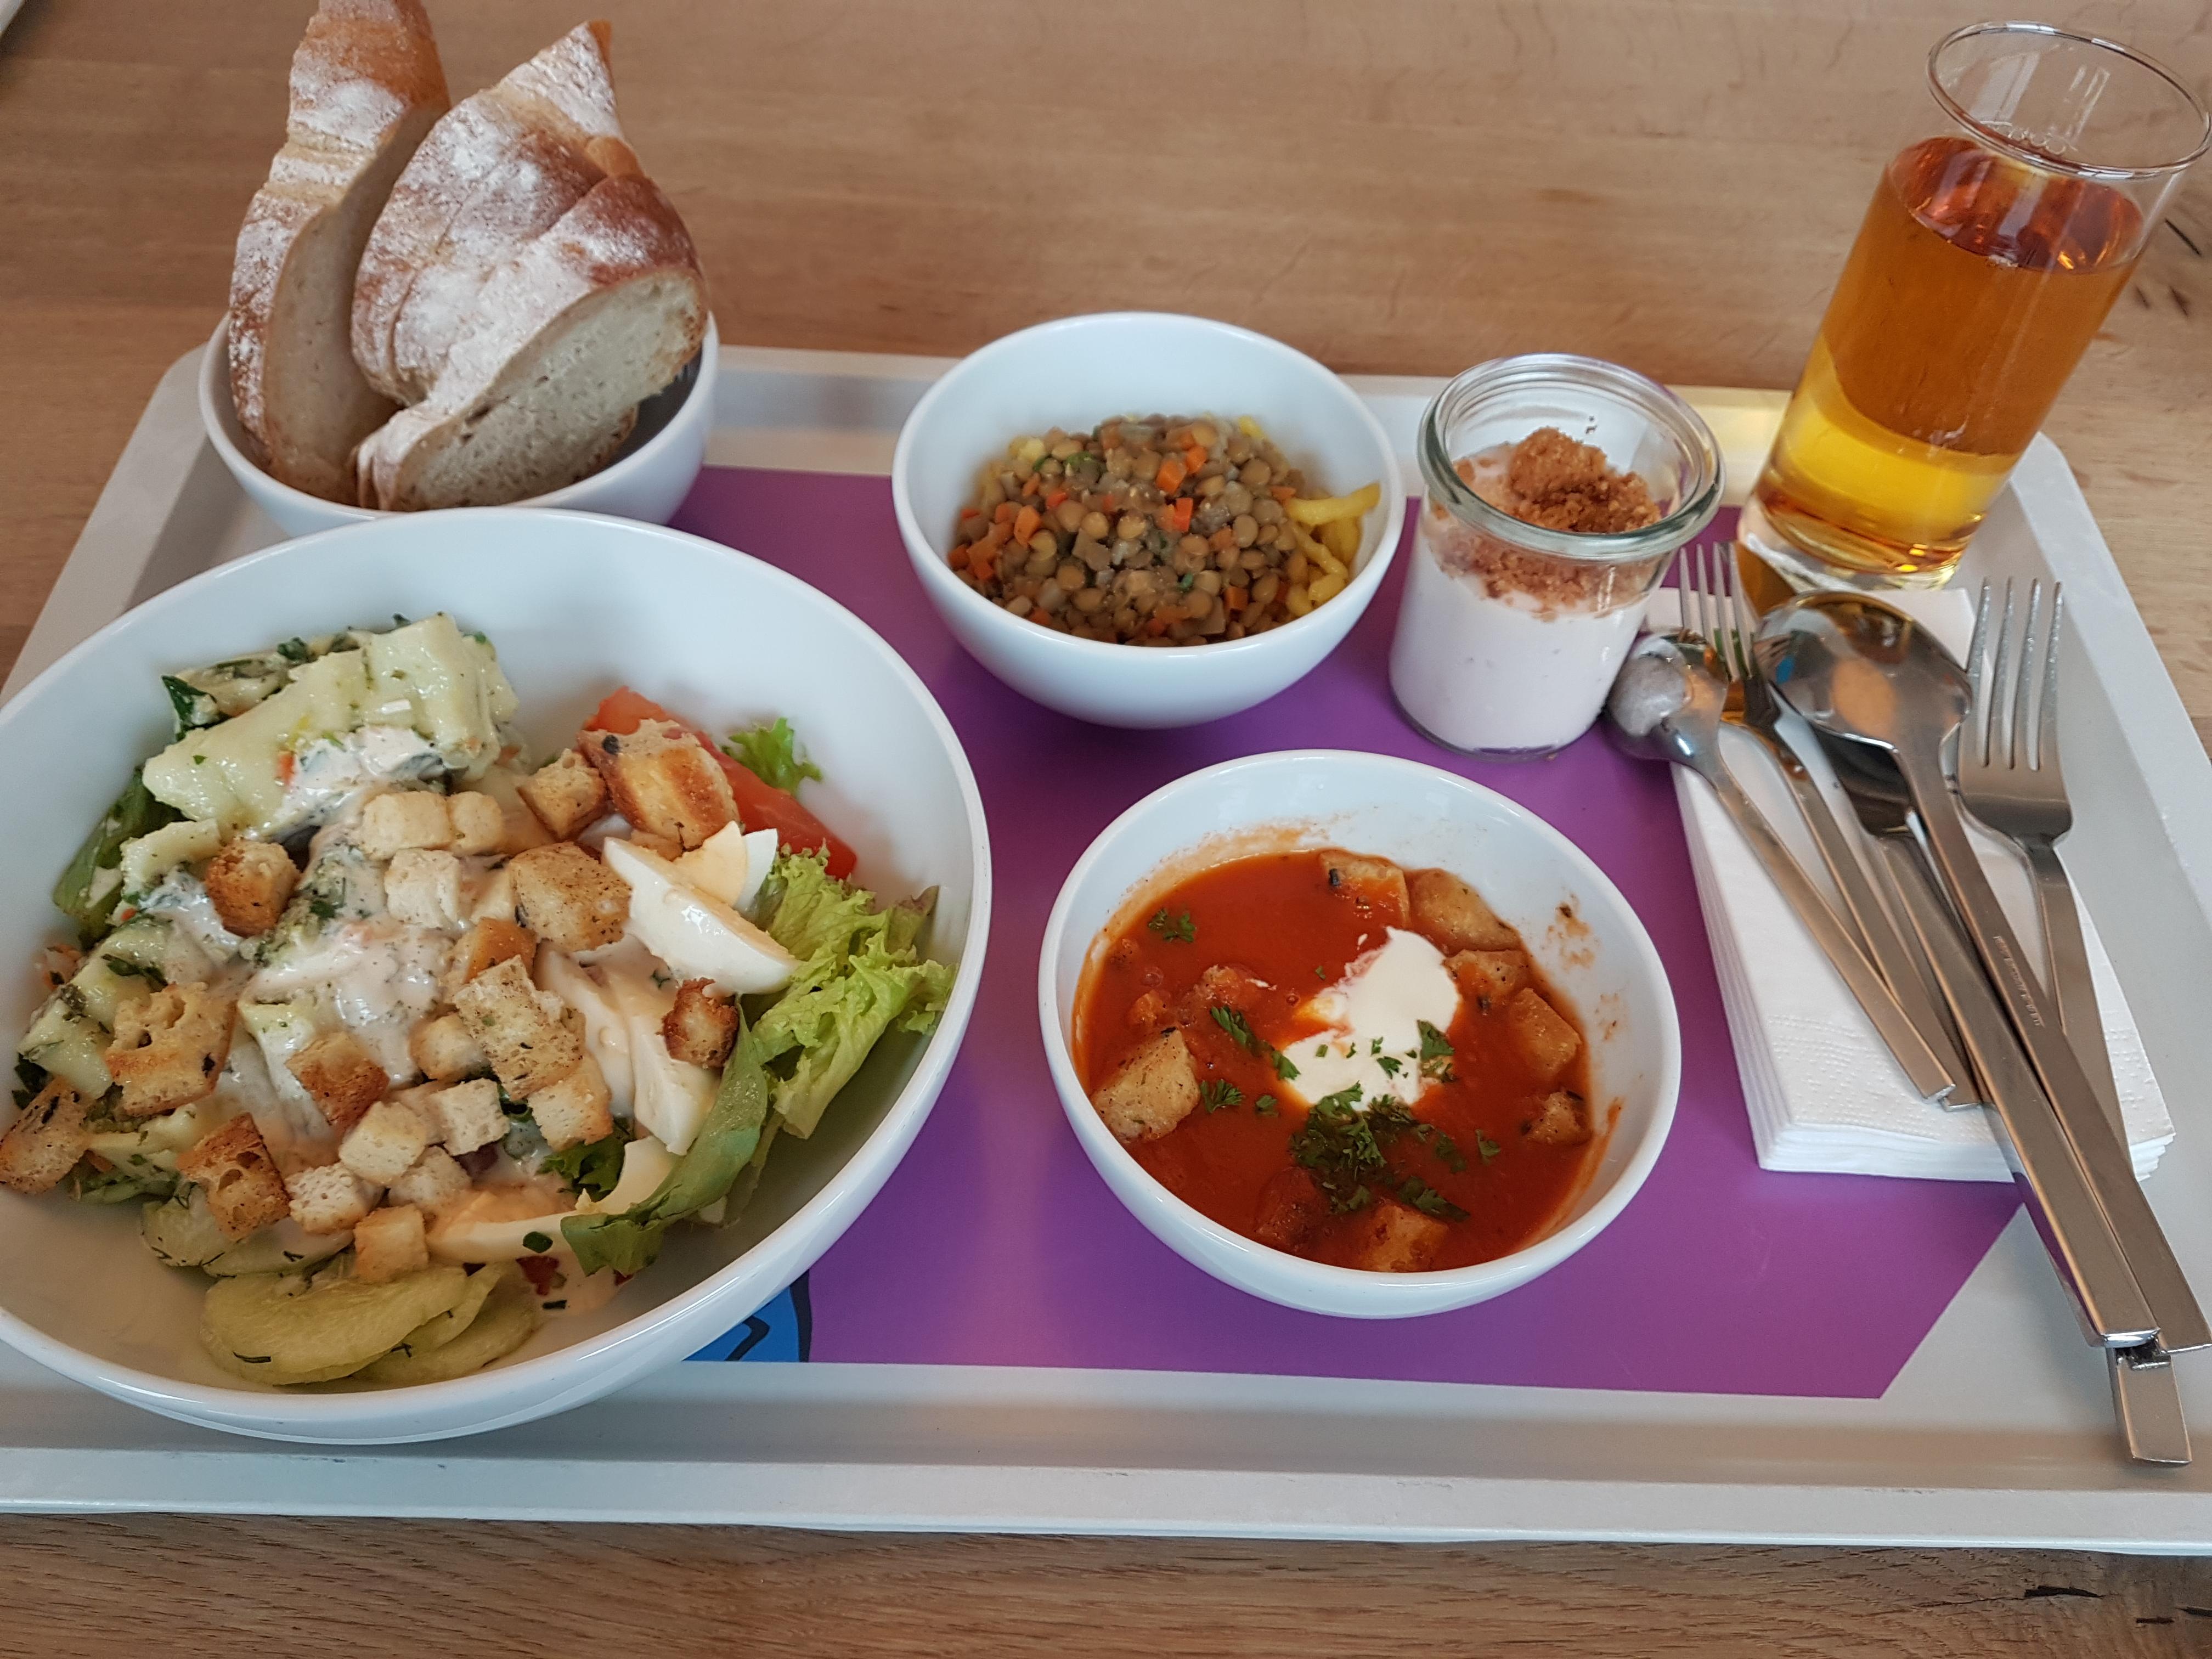 https://foodloader.net/Holz_2017-10-10_Mix.jpg